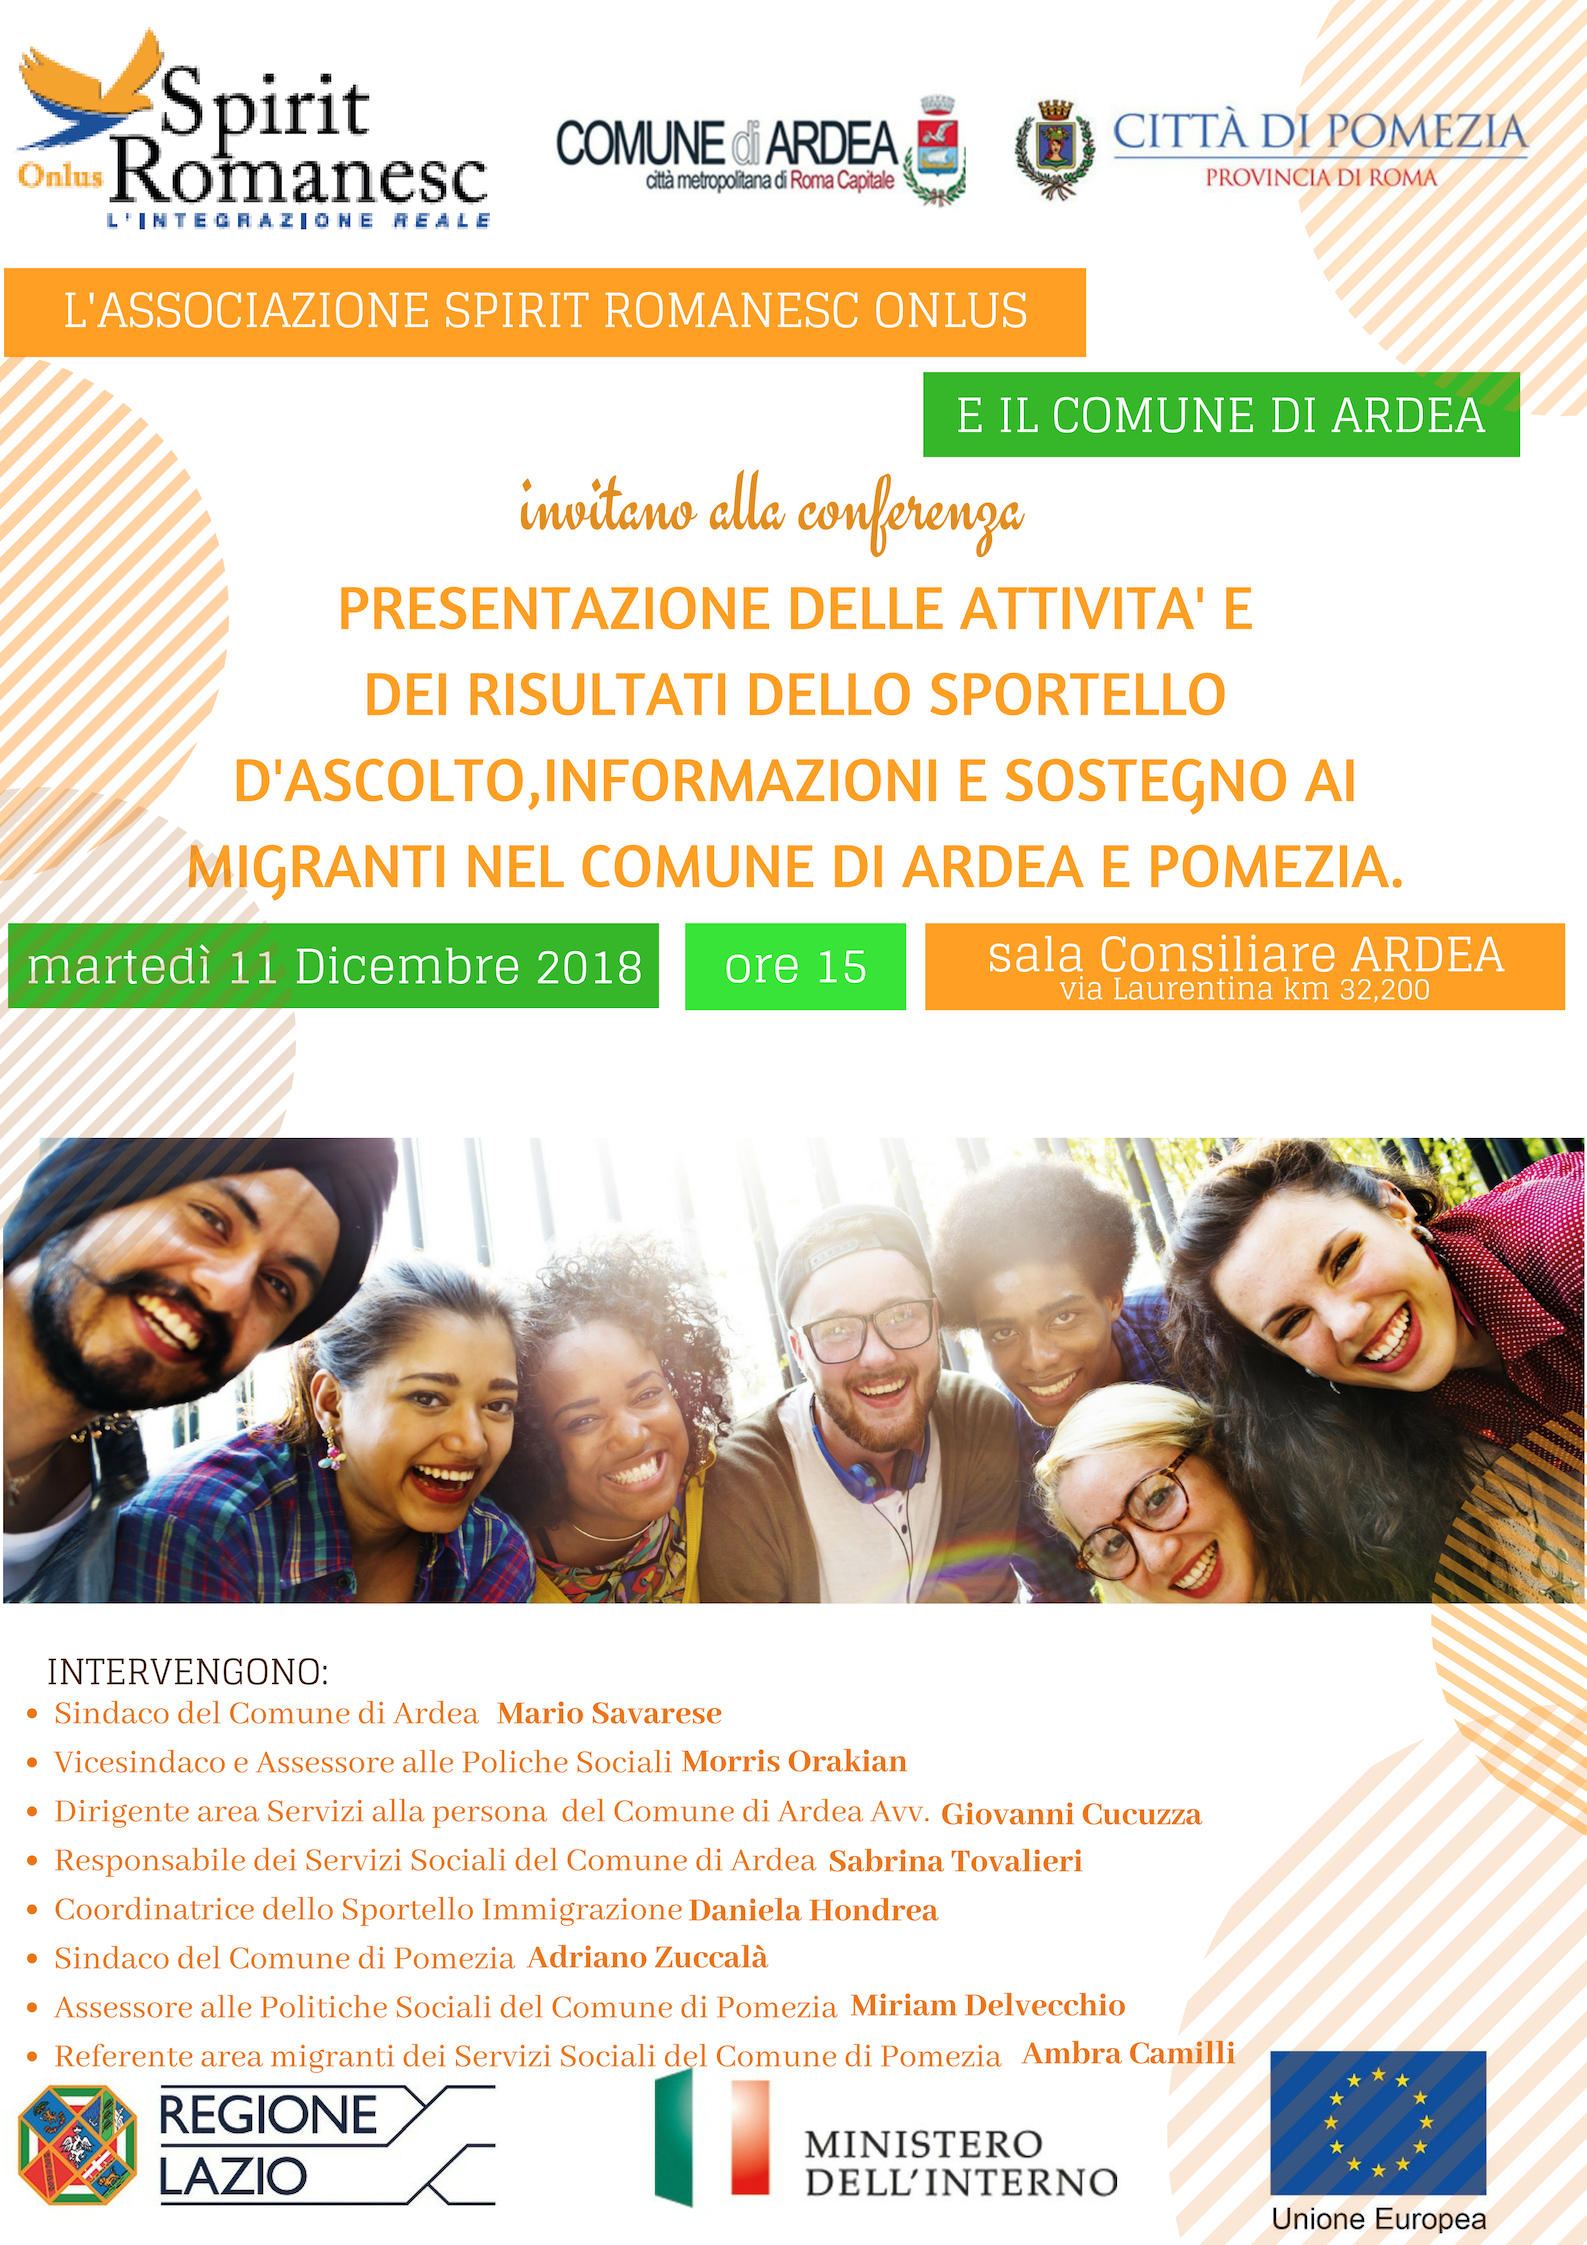 Presentazione delle attività sportello sostegno migranti – martedì 11 dicembre 2018 ore 15.00